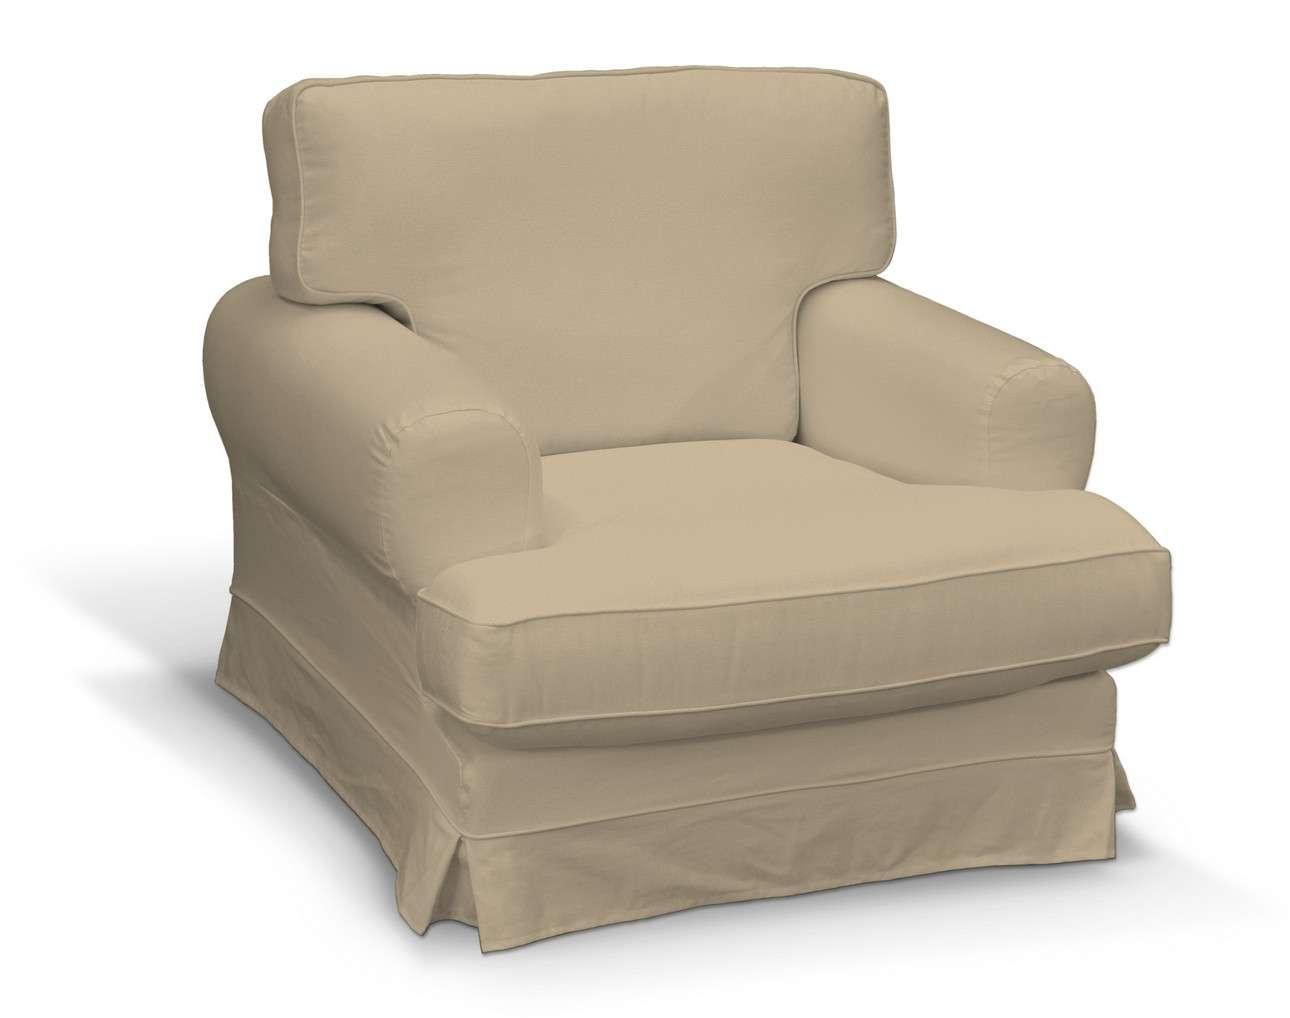 Pokrowiec na fotel Ekeskog w kolekcji Living II, tkanina: 160-82